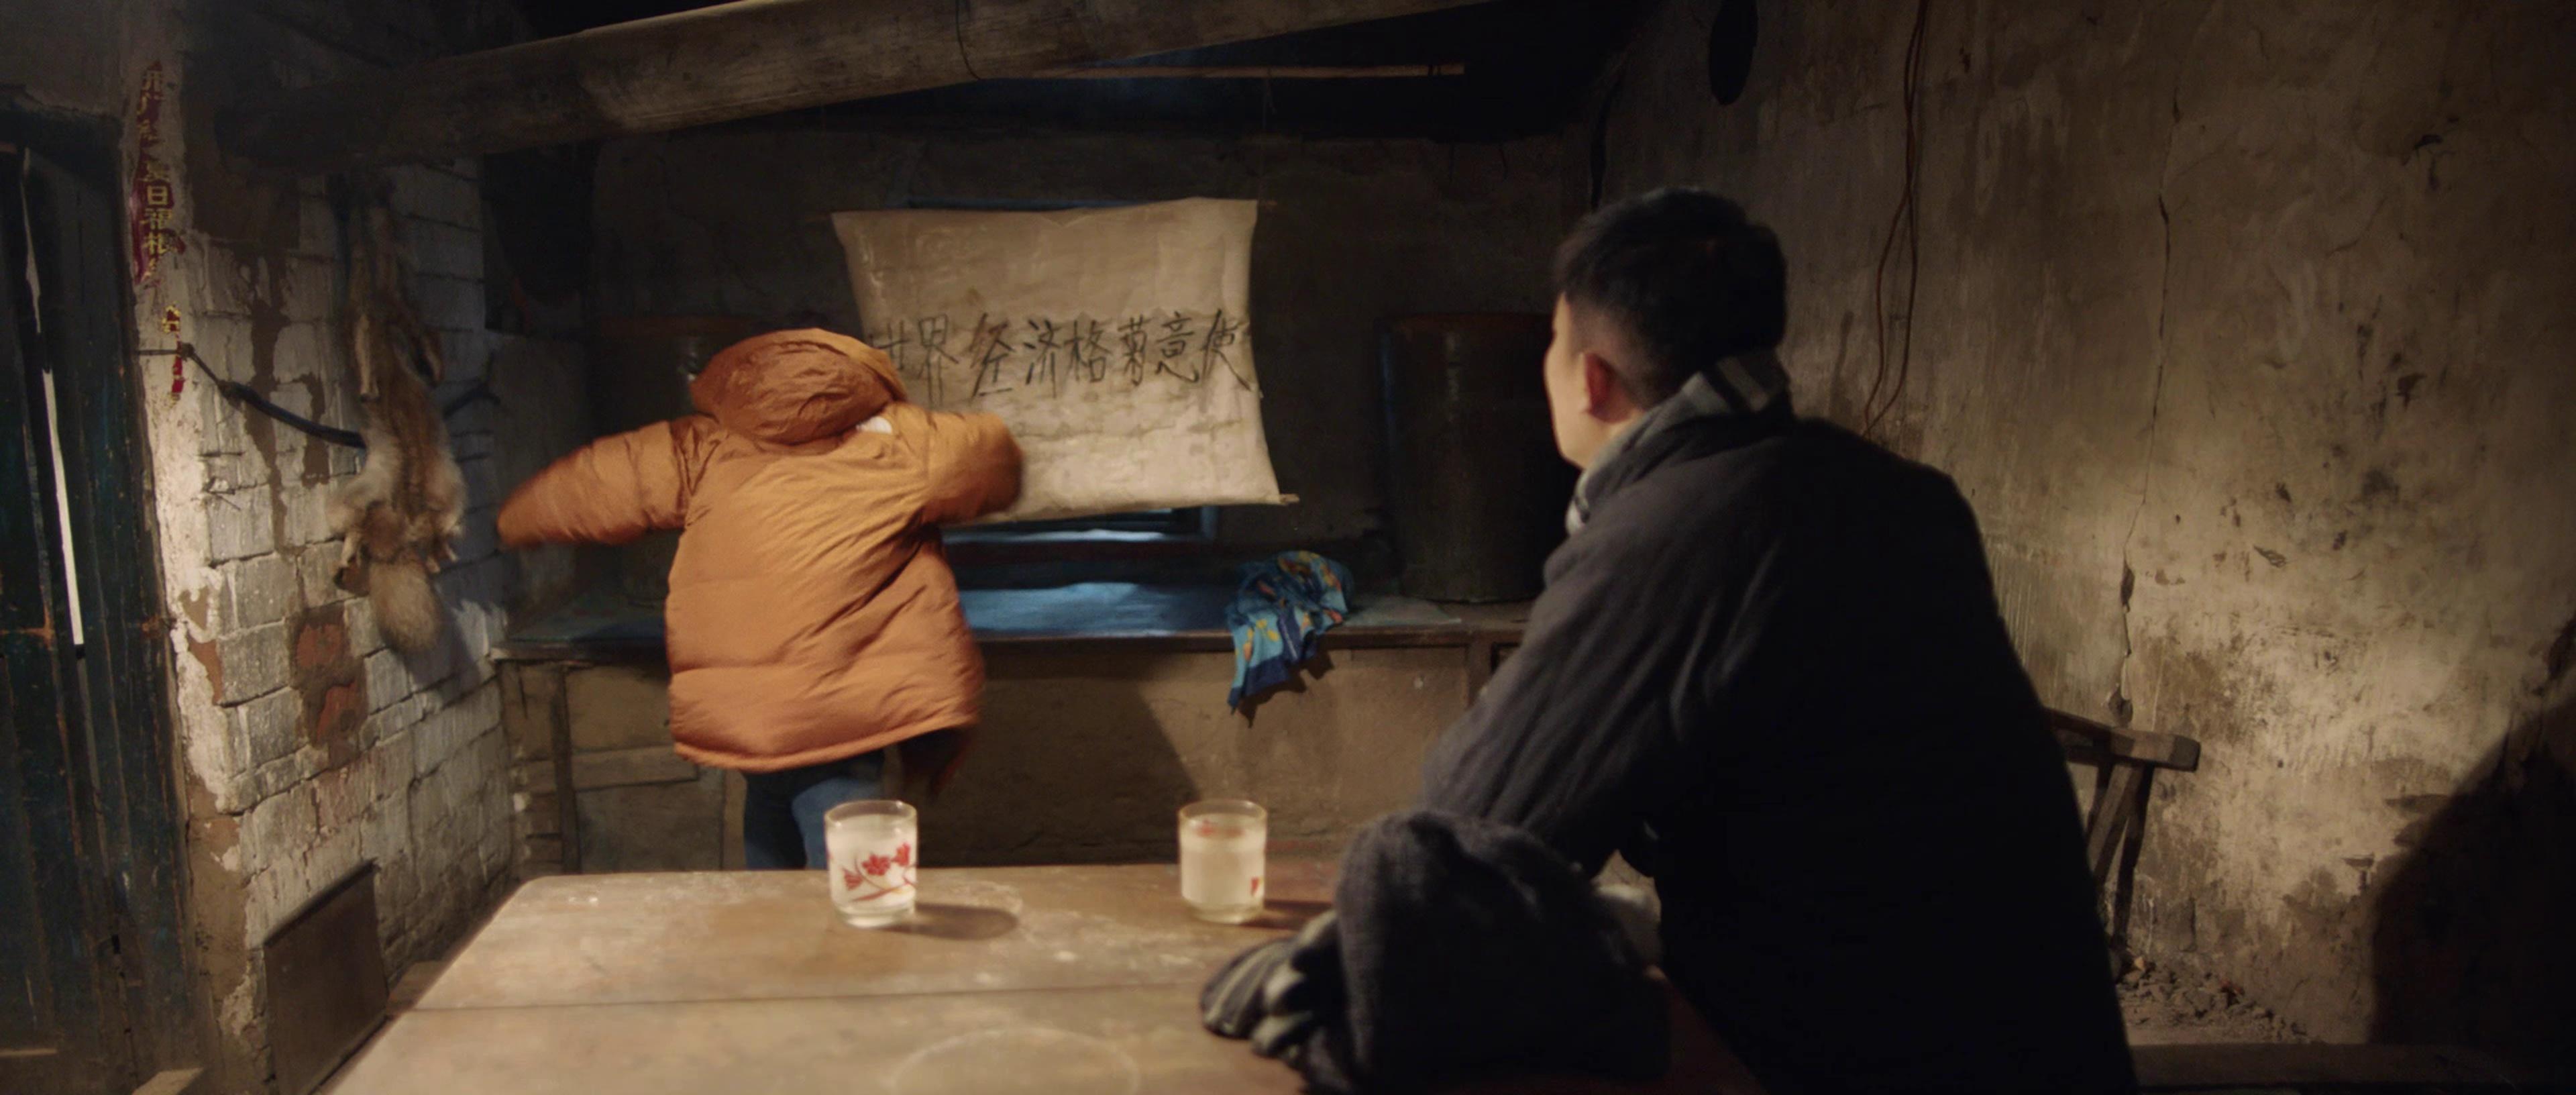 悠悠MP4_MP4电影下载_[我来自北京之过年好][WEB-MP4/9.62GB][国语配音/中文字幕][4K-2160P][H265编码][扶贫,杨志刚,农村,主旋律,精准扶